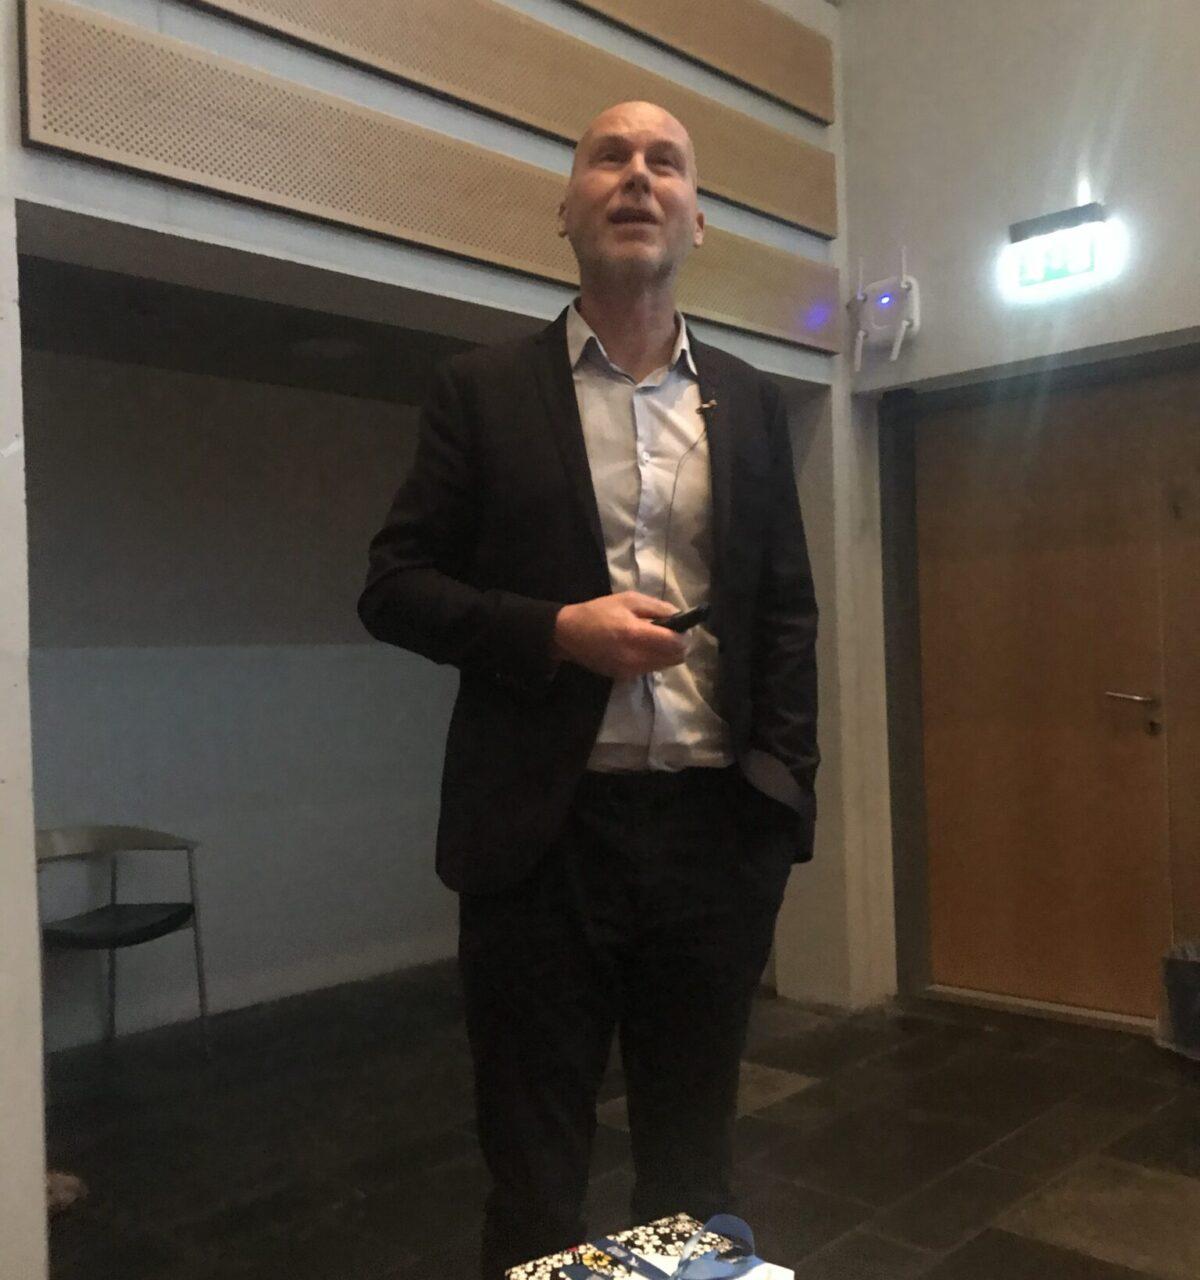 Tiltrædelsesforelæsning for innovationsprofessoren